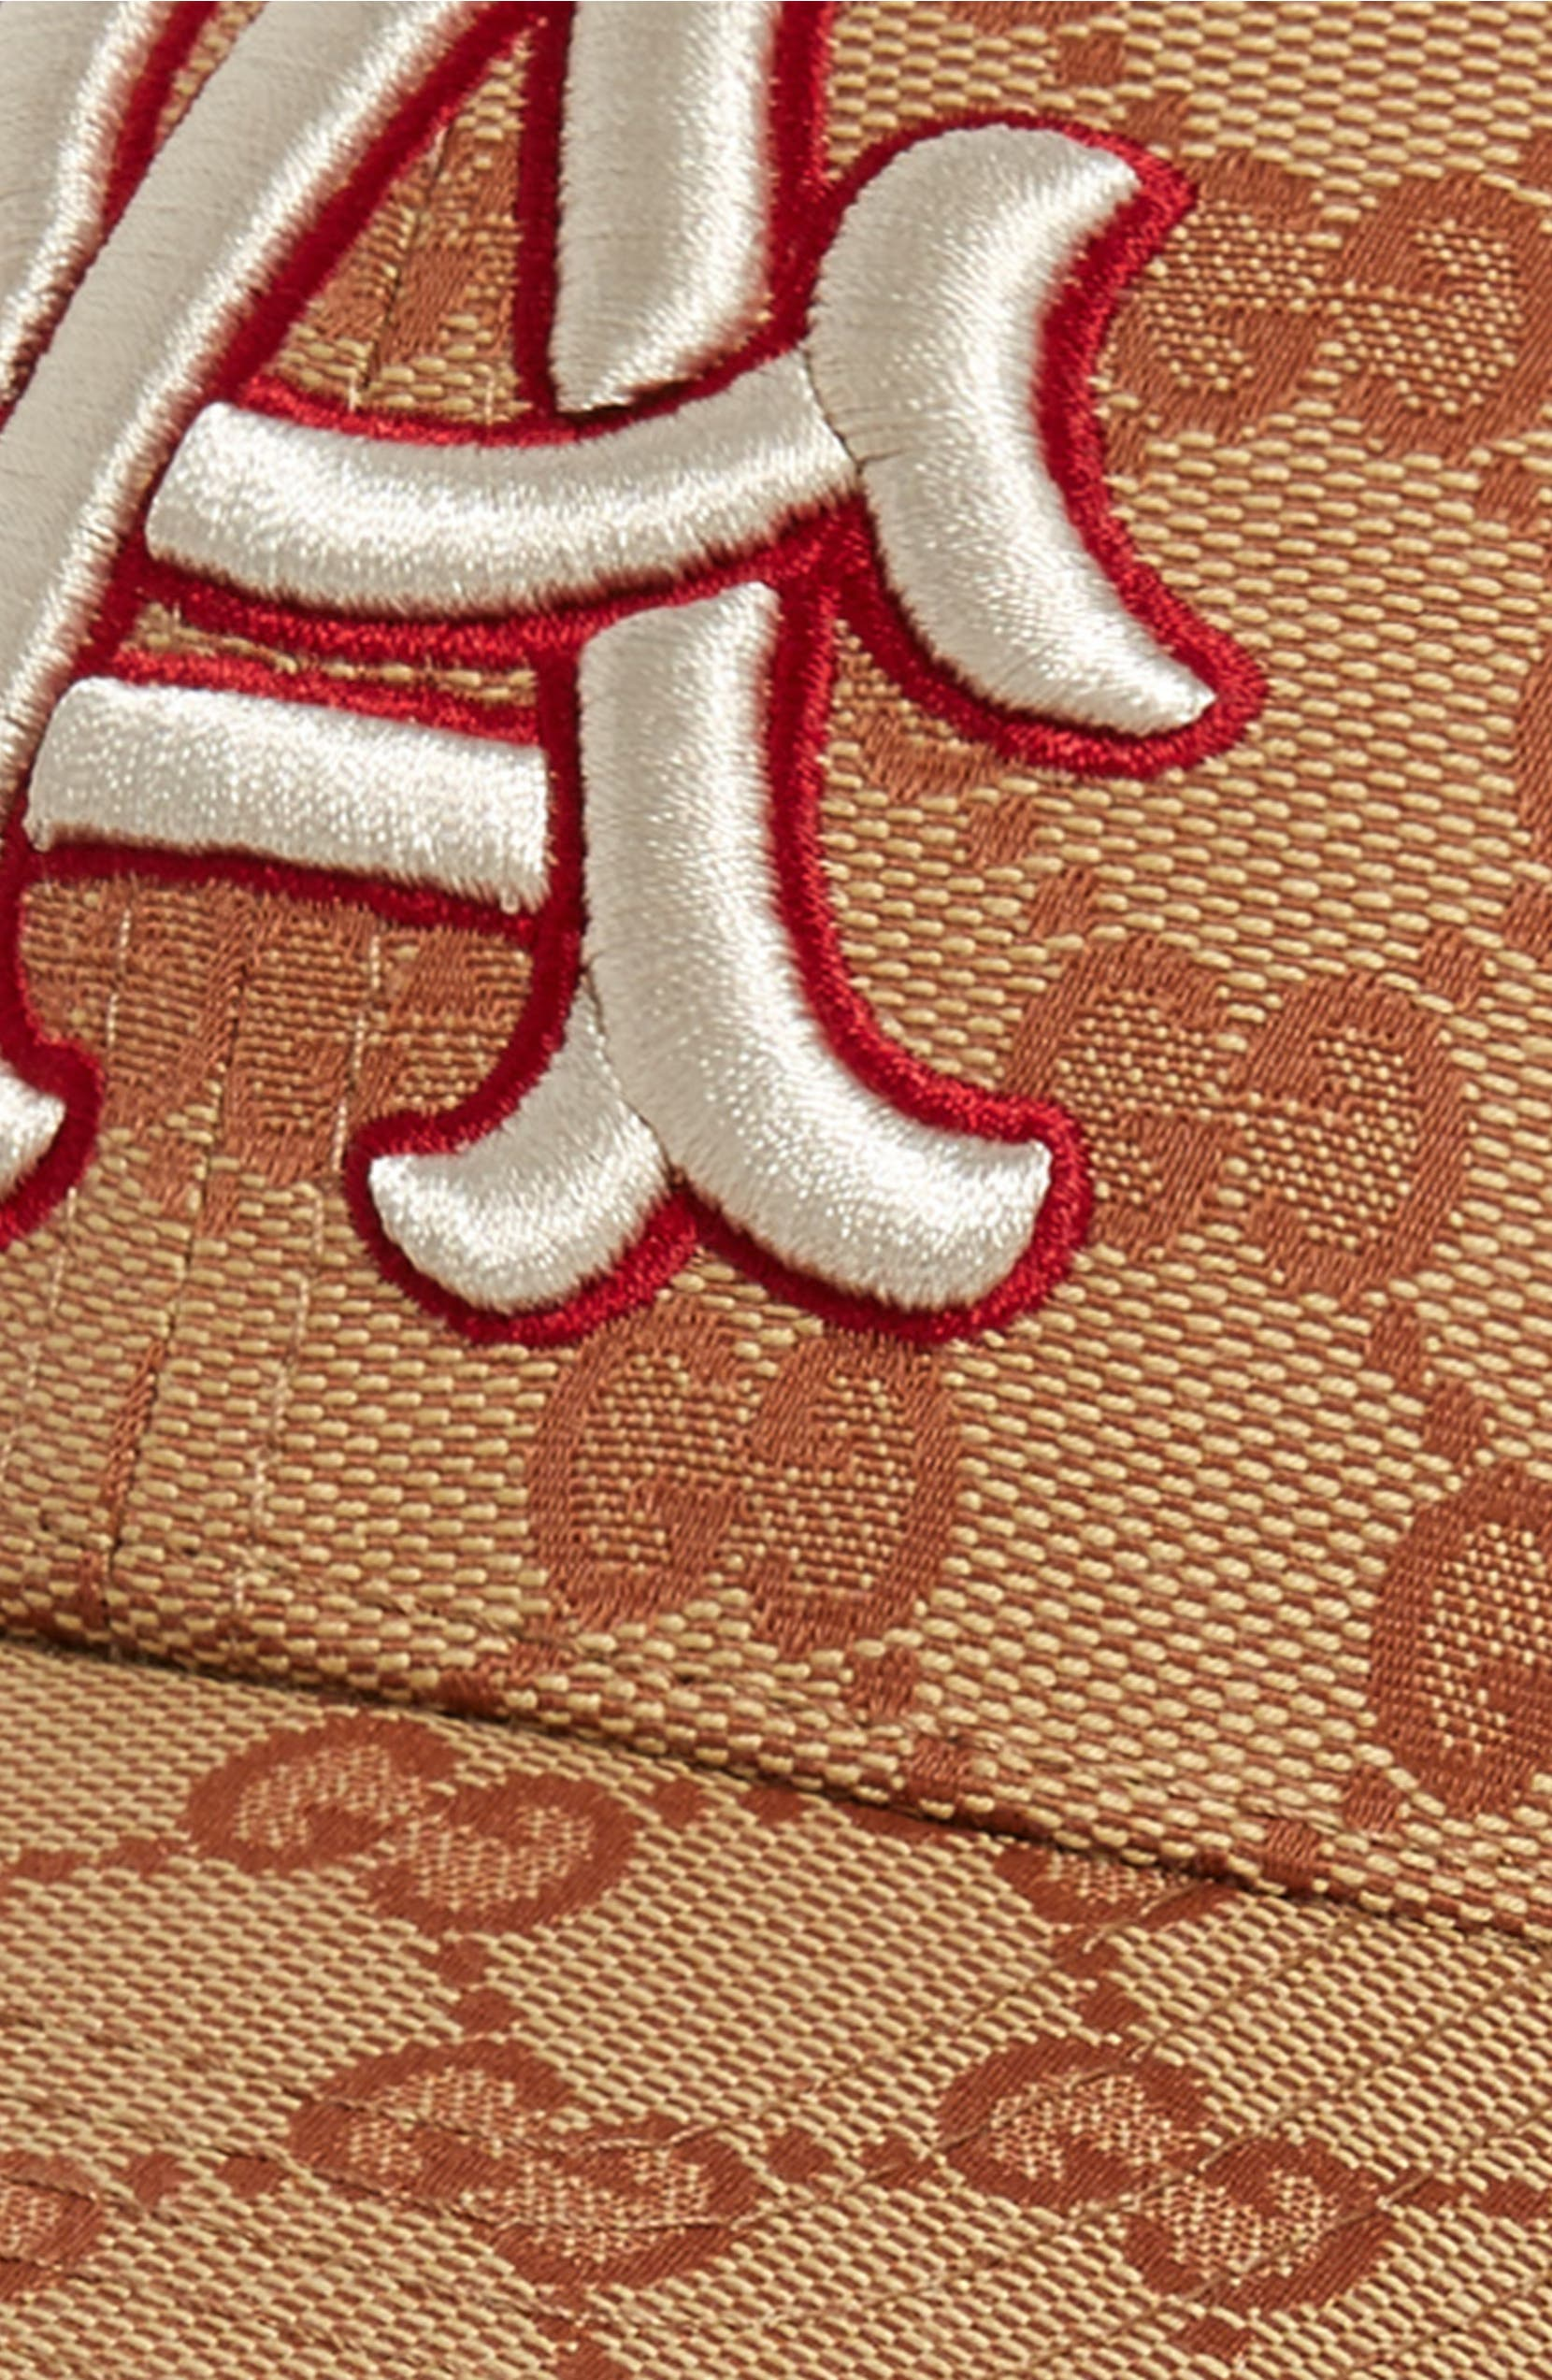 79b59449646f2a Gucci LA Original GG Canvas Baseball Cap | Nordstrom